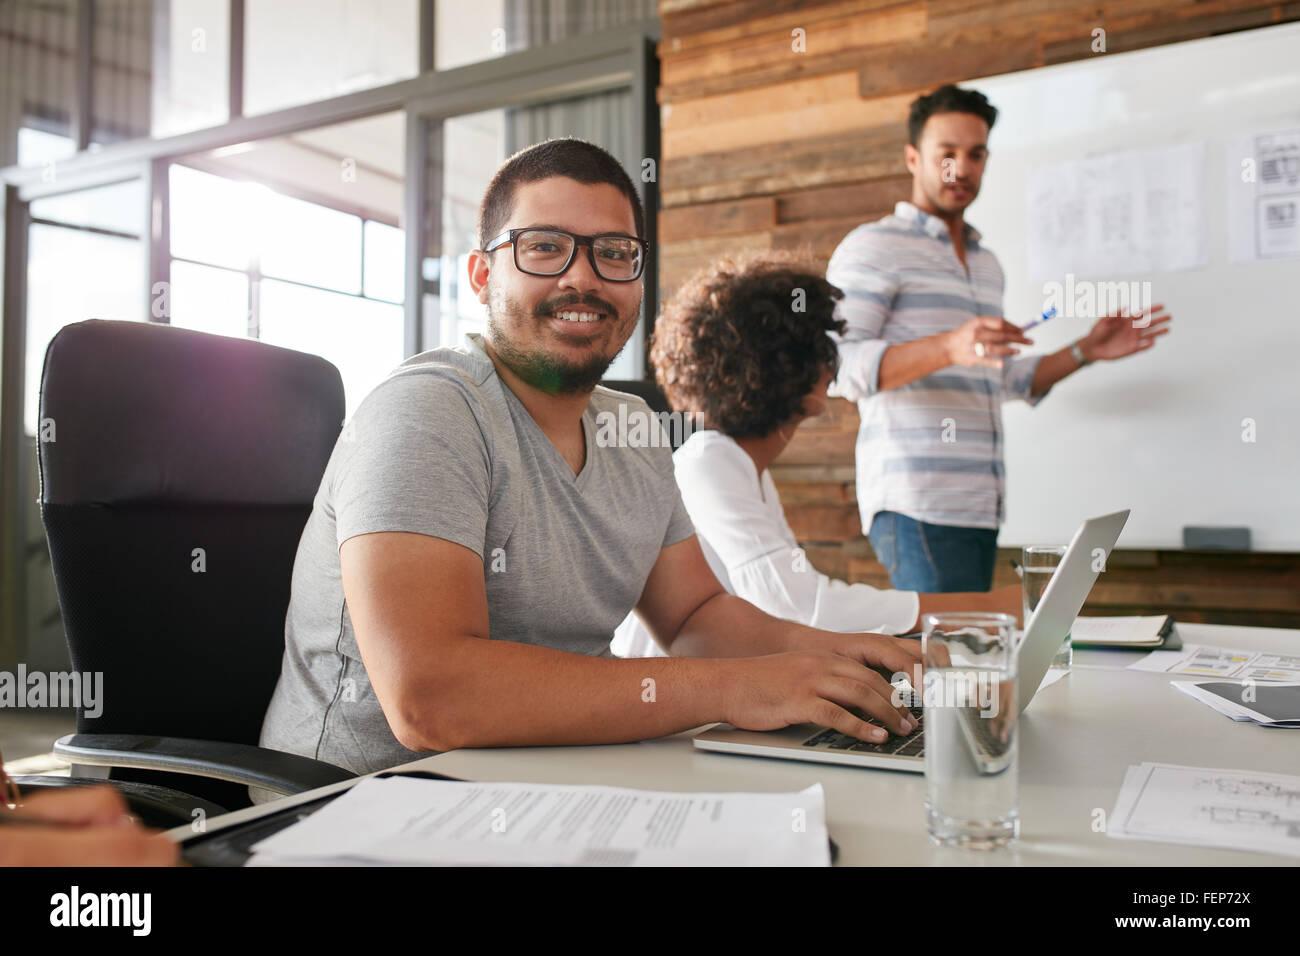 Jeune homme assis à une réunion d'affaires avec des collègues Photo Stock